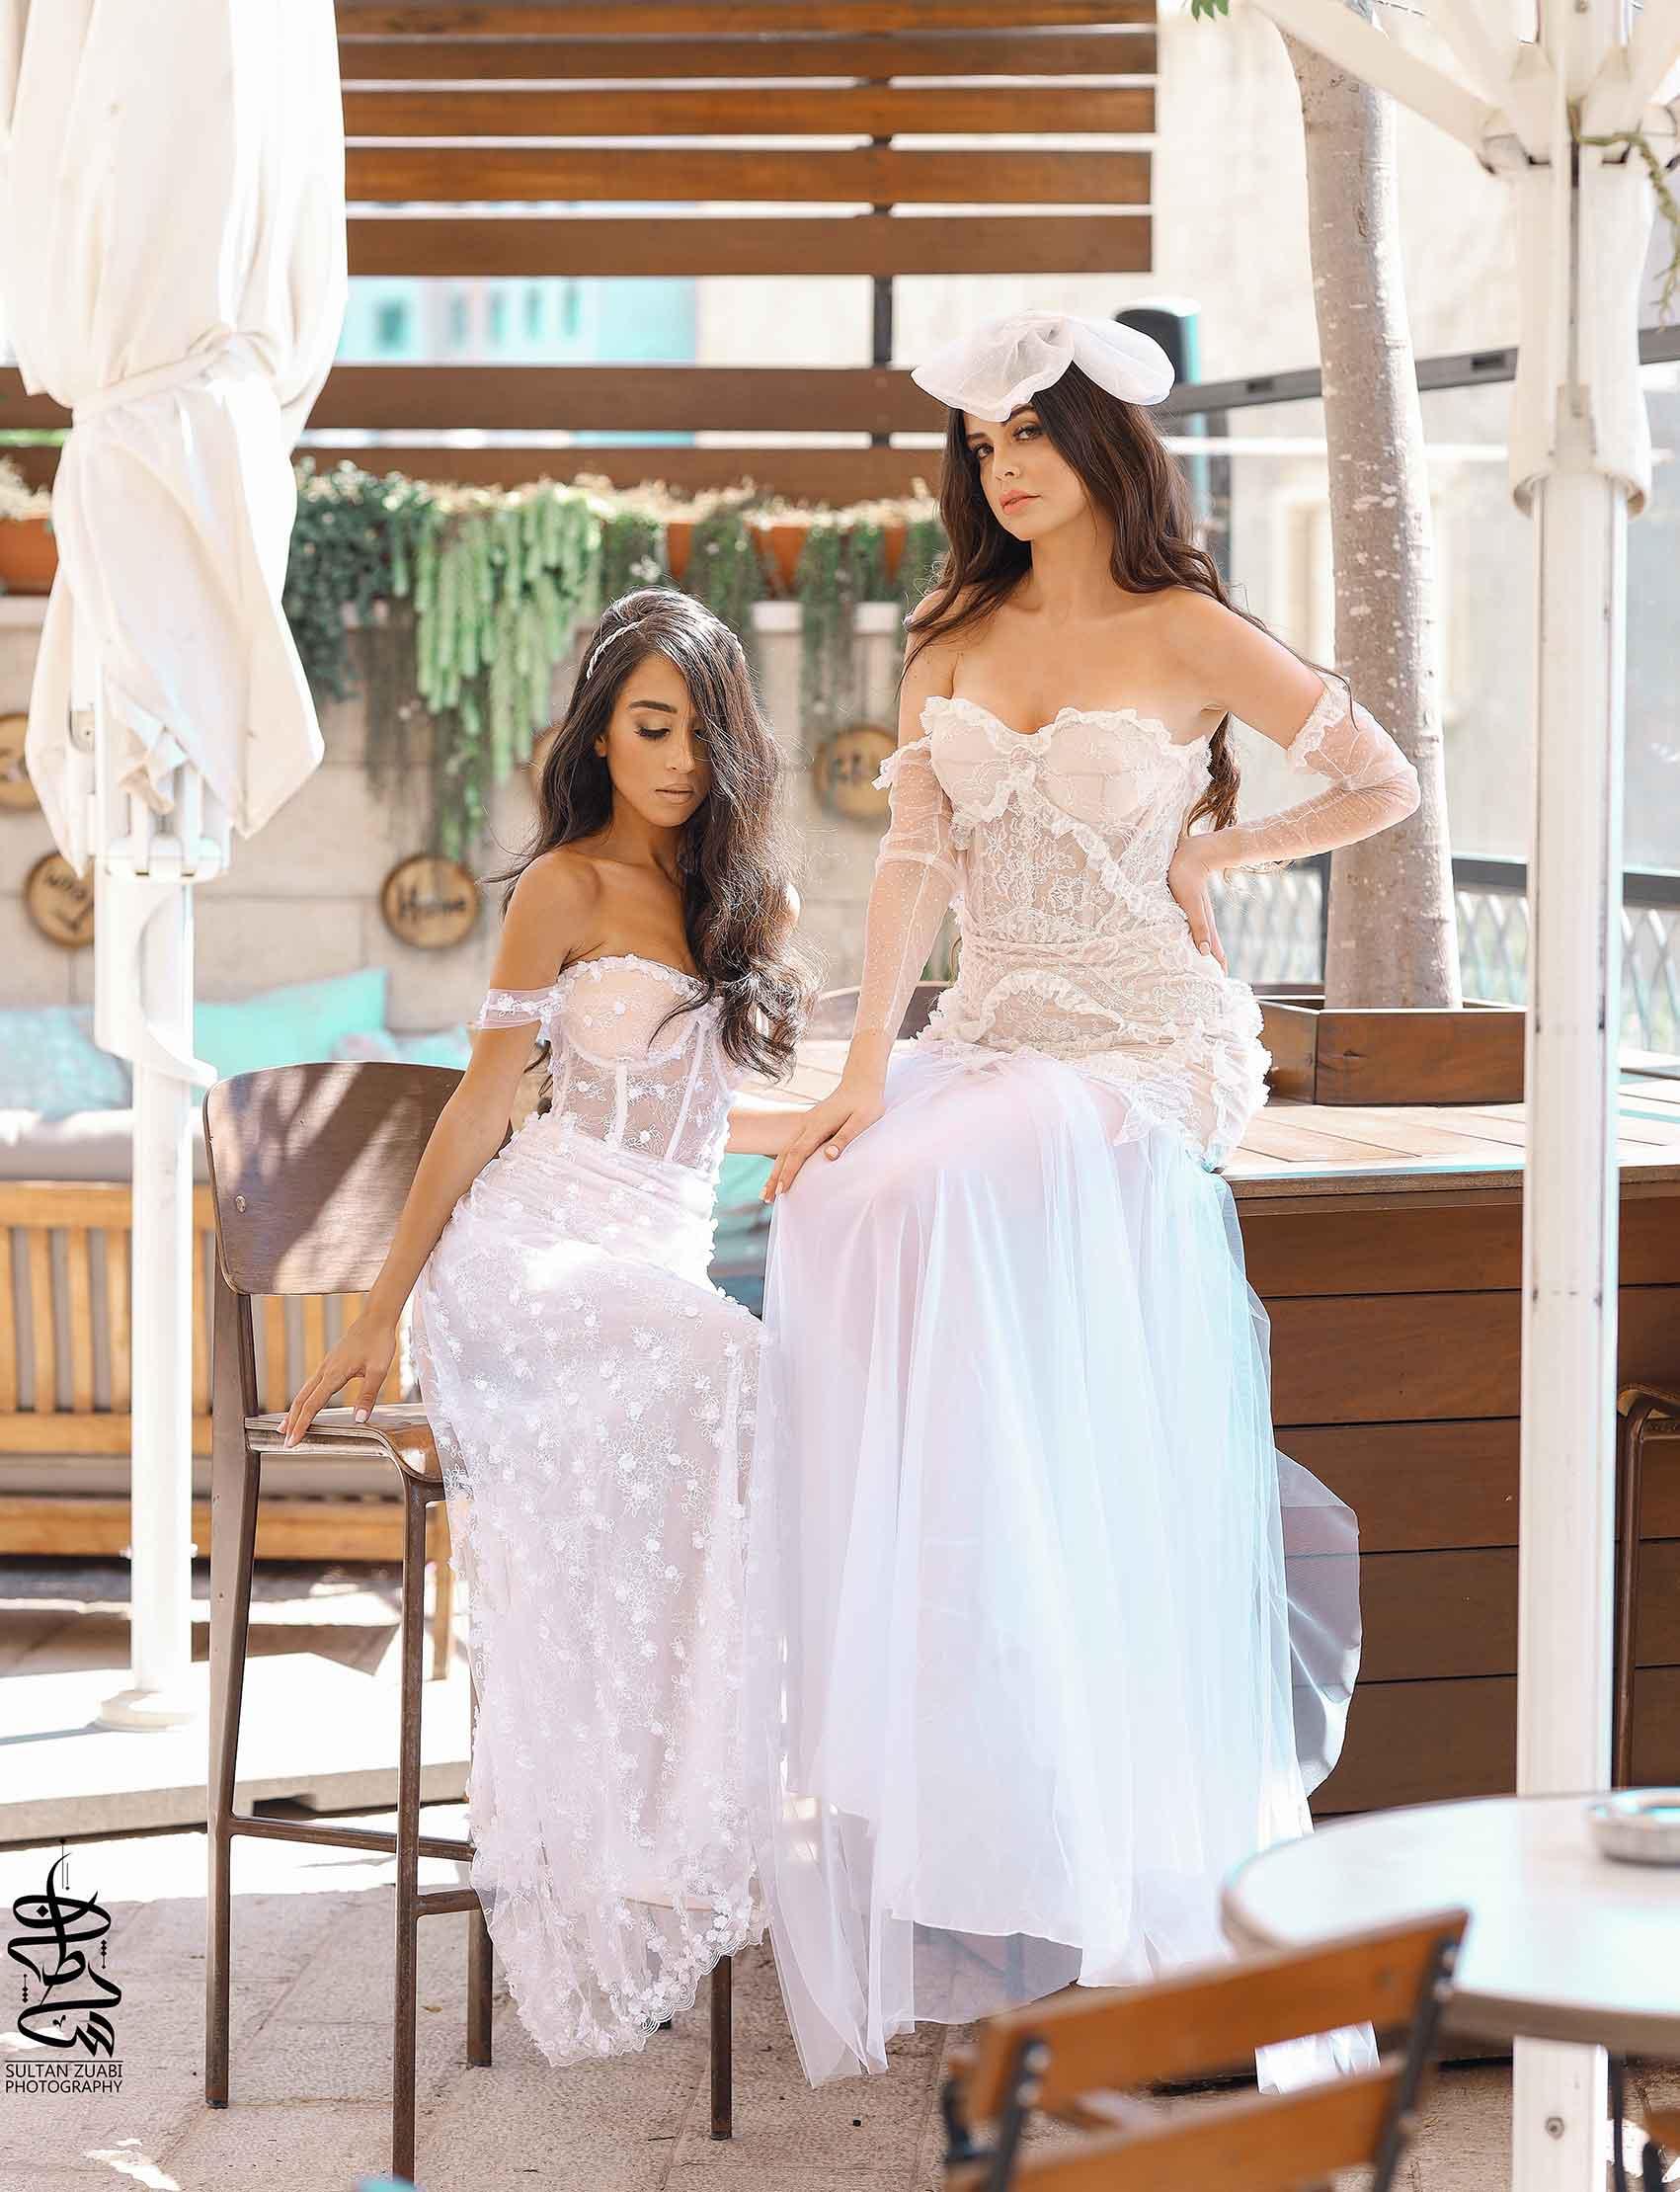 חנאן-אחמד-קולקציית-שמלות-כלה-קיץ-2020-מגזין-אופנה-167